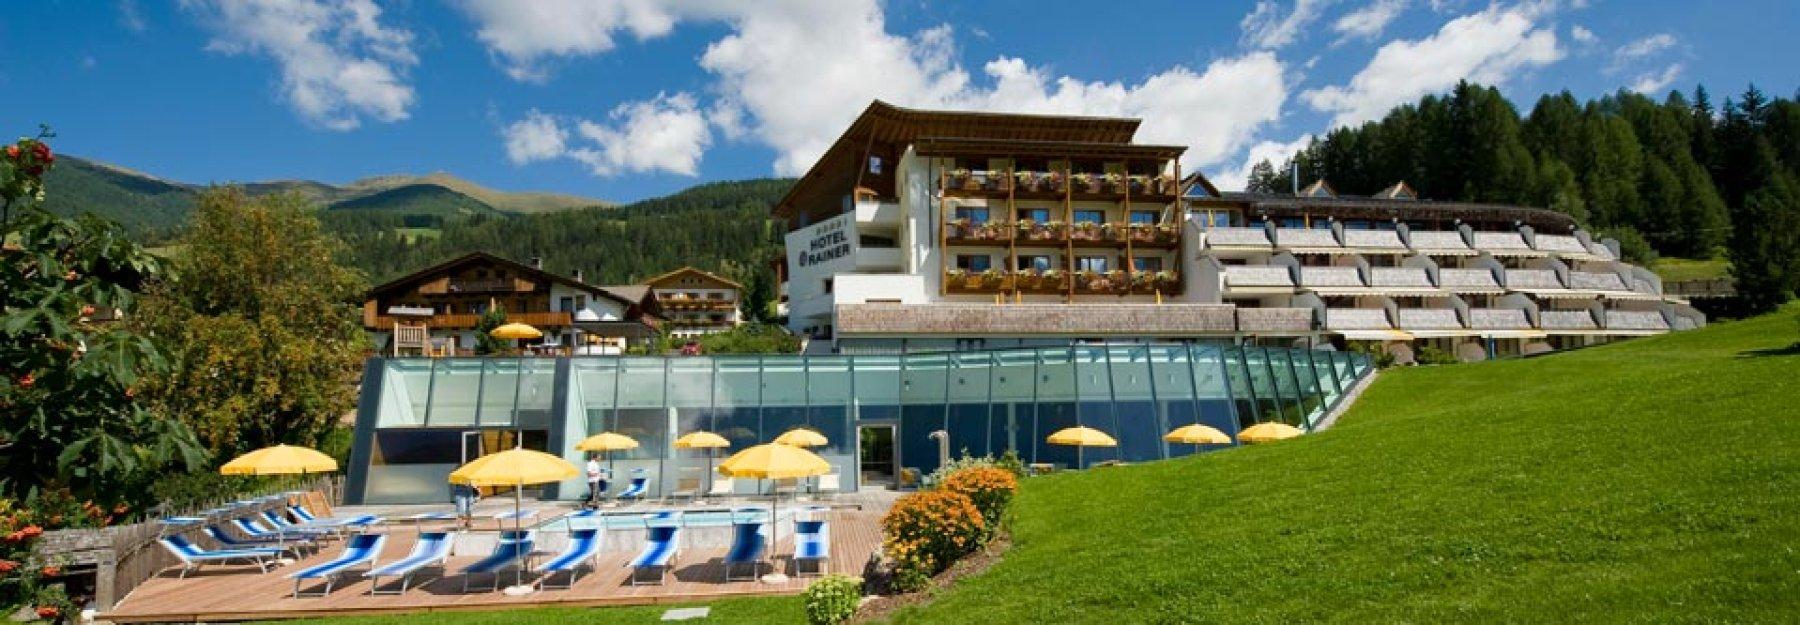 Hotel Sesto Pusteria Con Piscina